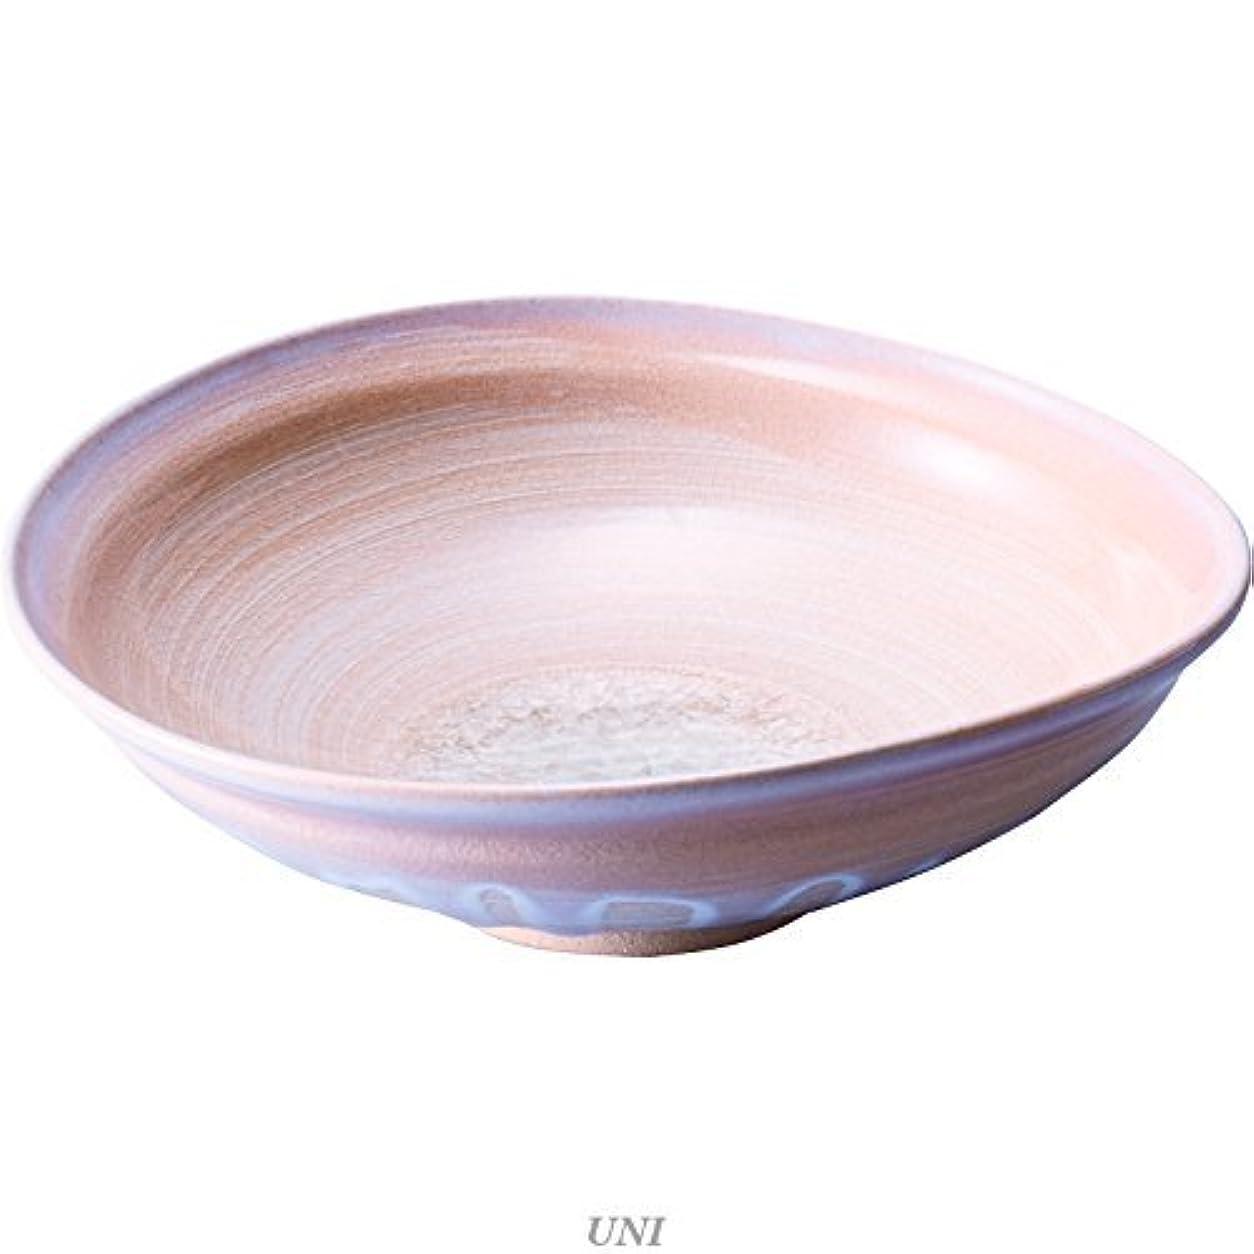 メロディーアンカーサンダース萩の雫 大鉢 43004